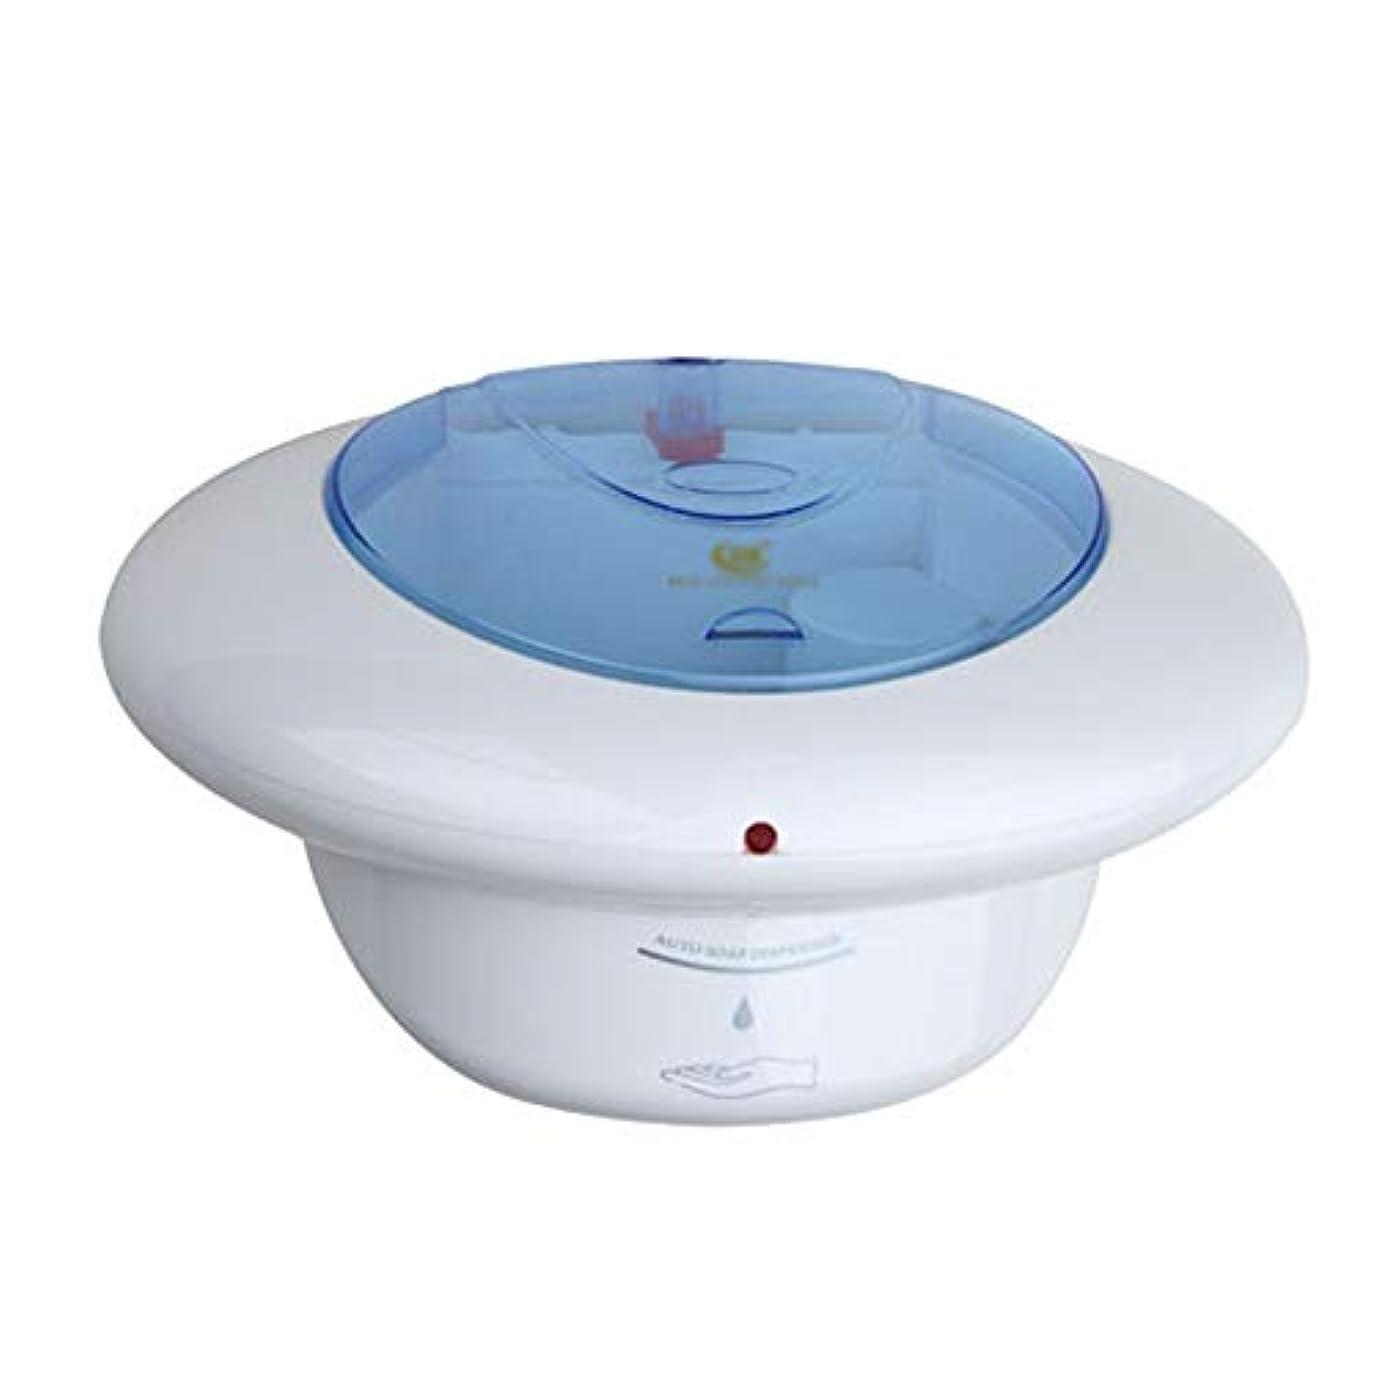 返済あなたが良くなりますたまにソープディスペンサー 700mlの容量赤外線検出壁掛け自動ソープディスペンサー ハンドソープ 食器用洗剤 キッチン 洗面所などに適用 (Color : White, Size : One size)